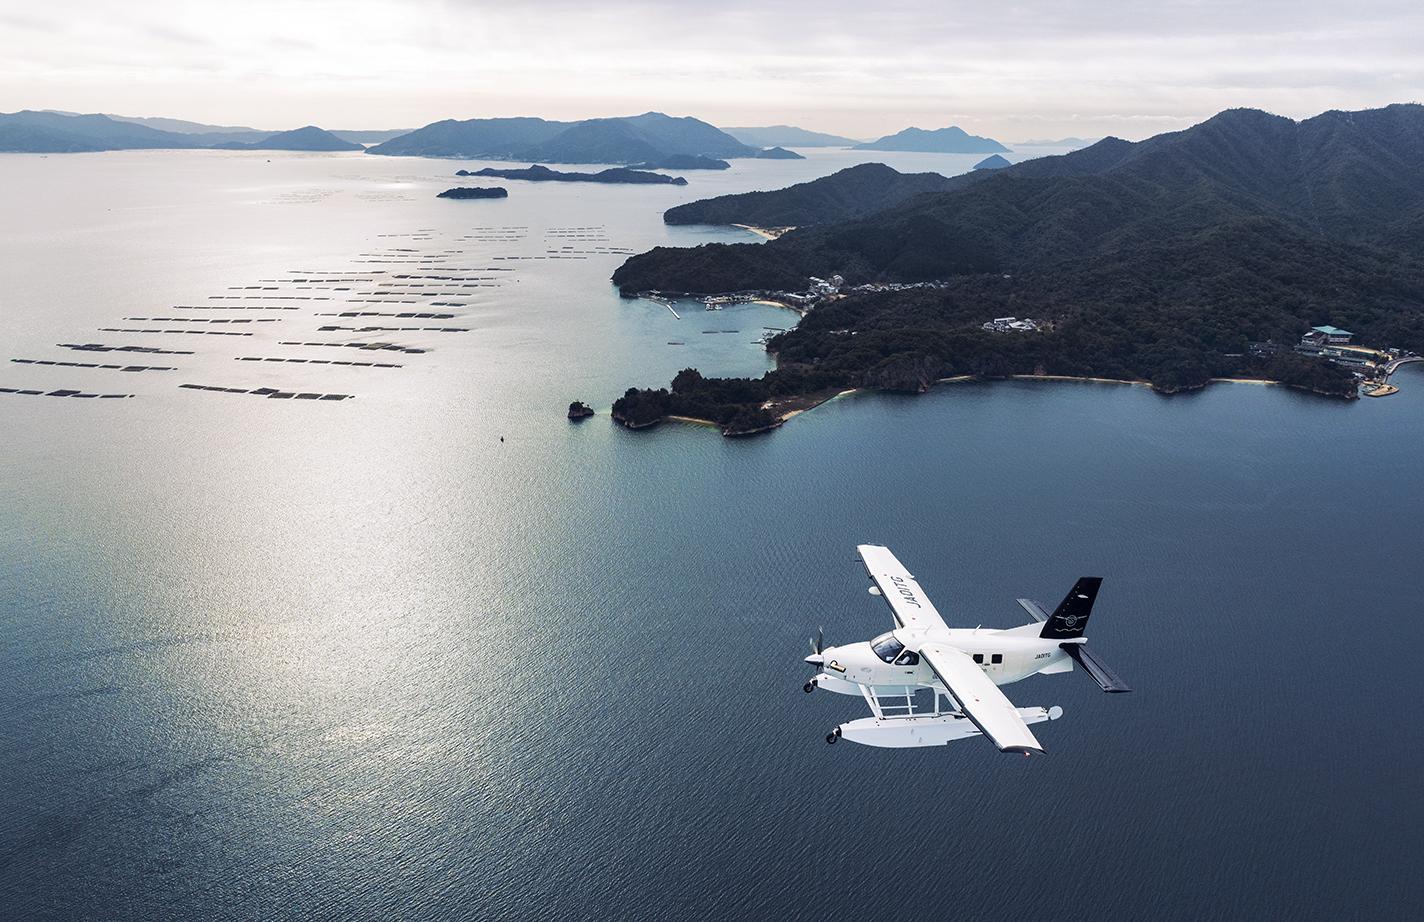 株式会社せとうちSEAPLANES8月1日より水陸両用機遊覧飛行の予約を開始